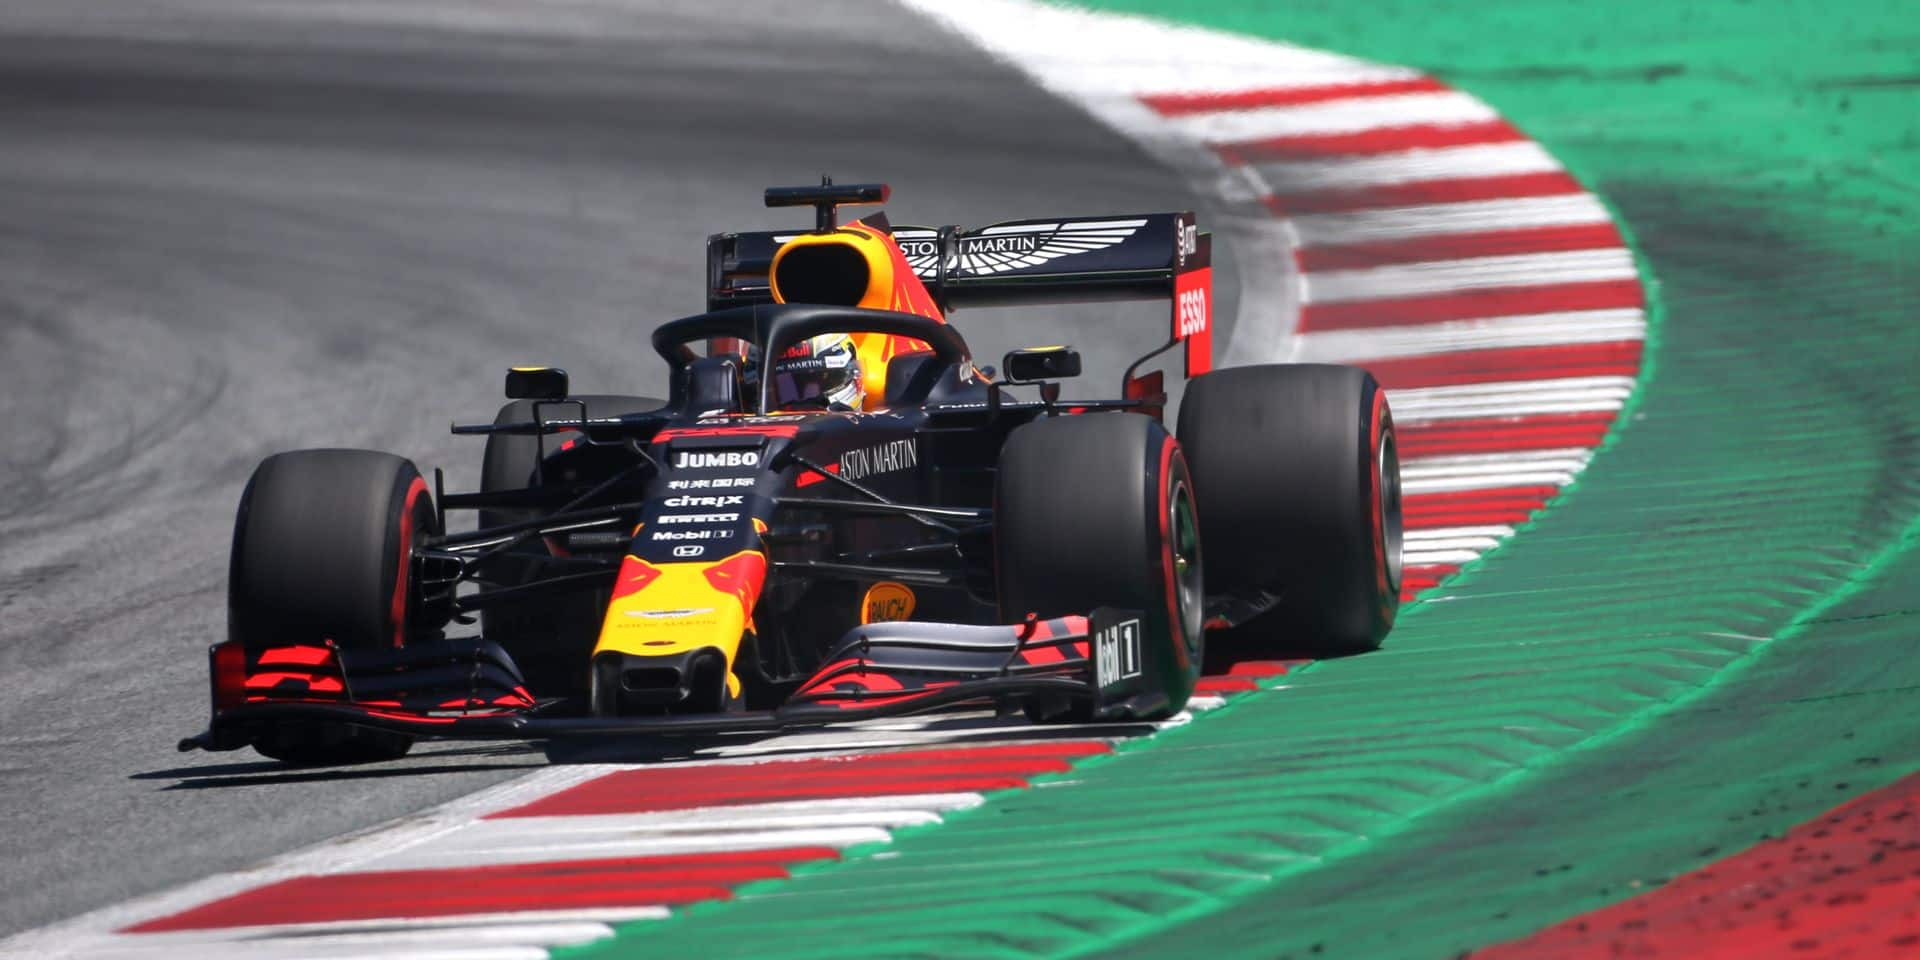 GP d'Autriche: Max Verstappen prive Charles Leclerc de la victoire!